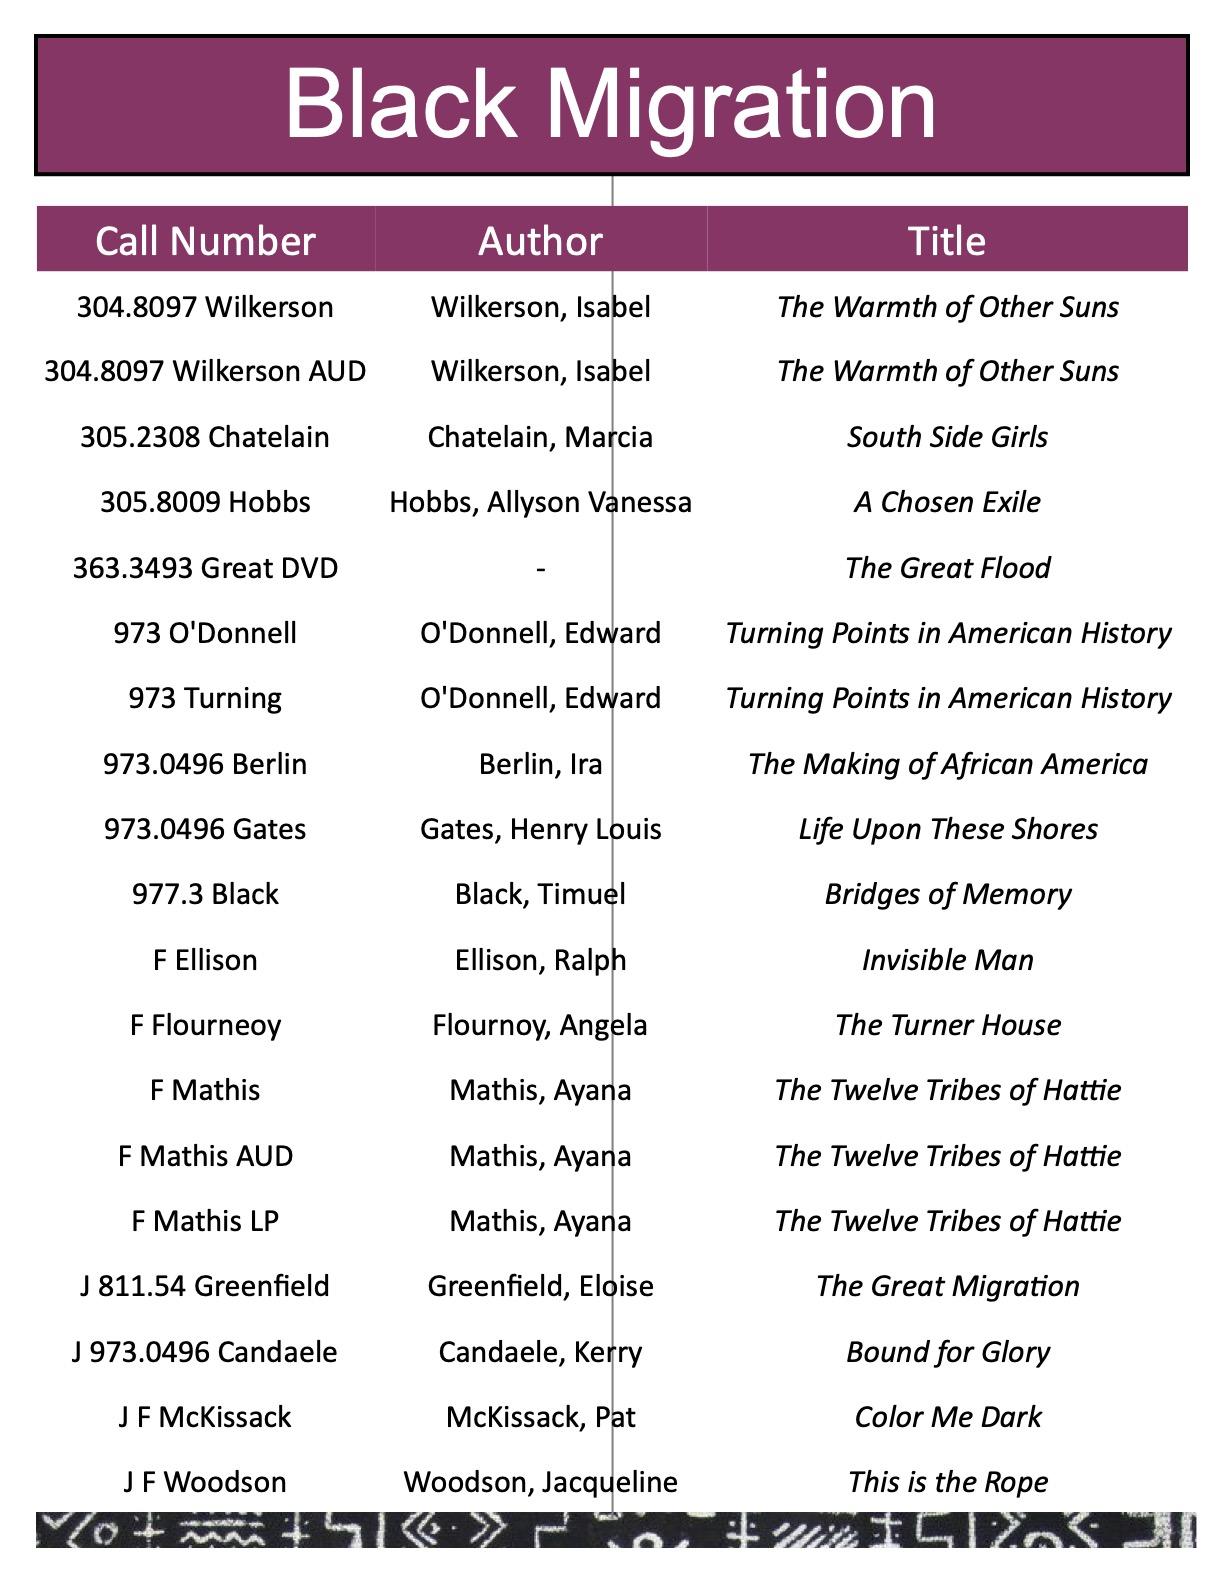 Black migration author list